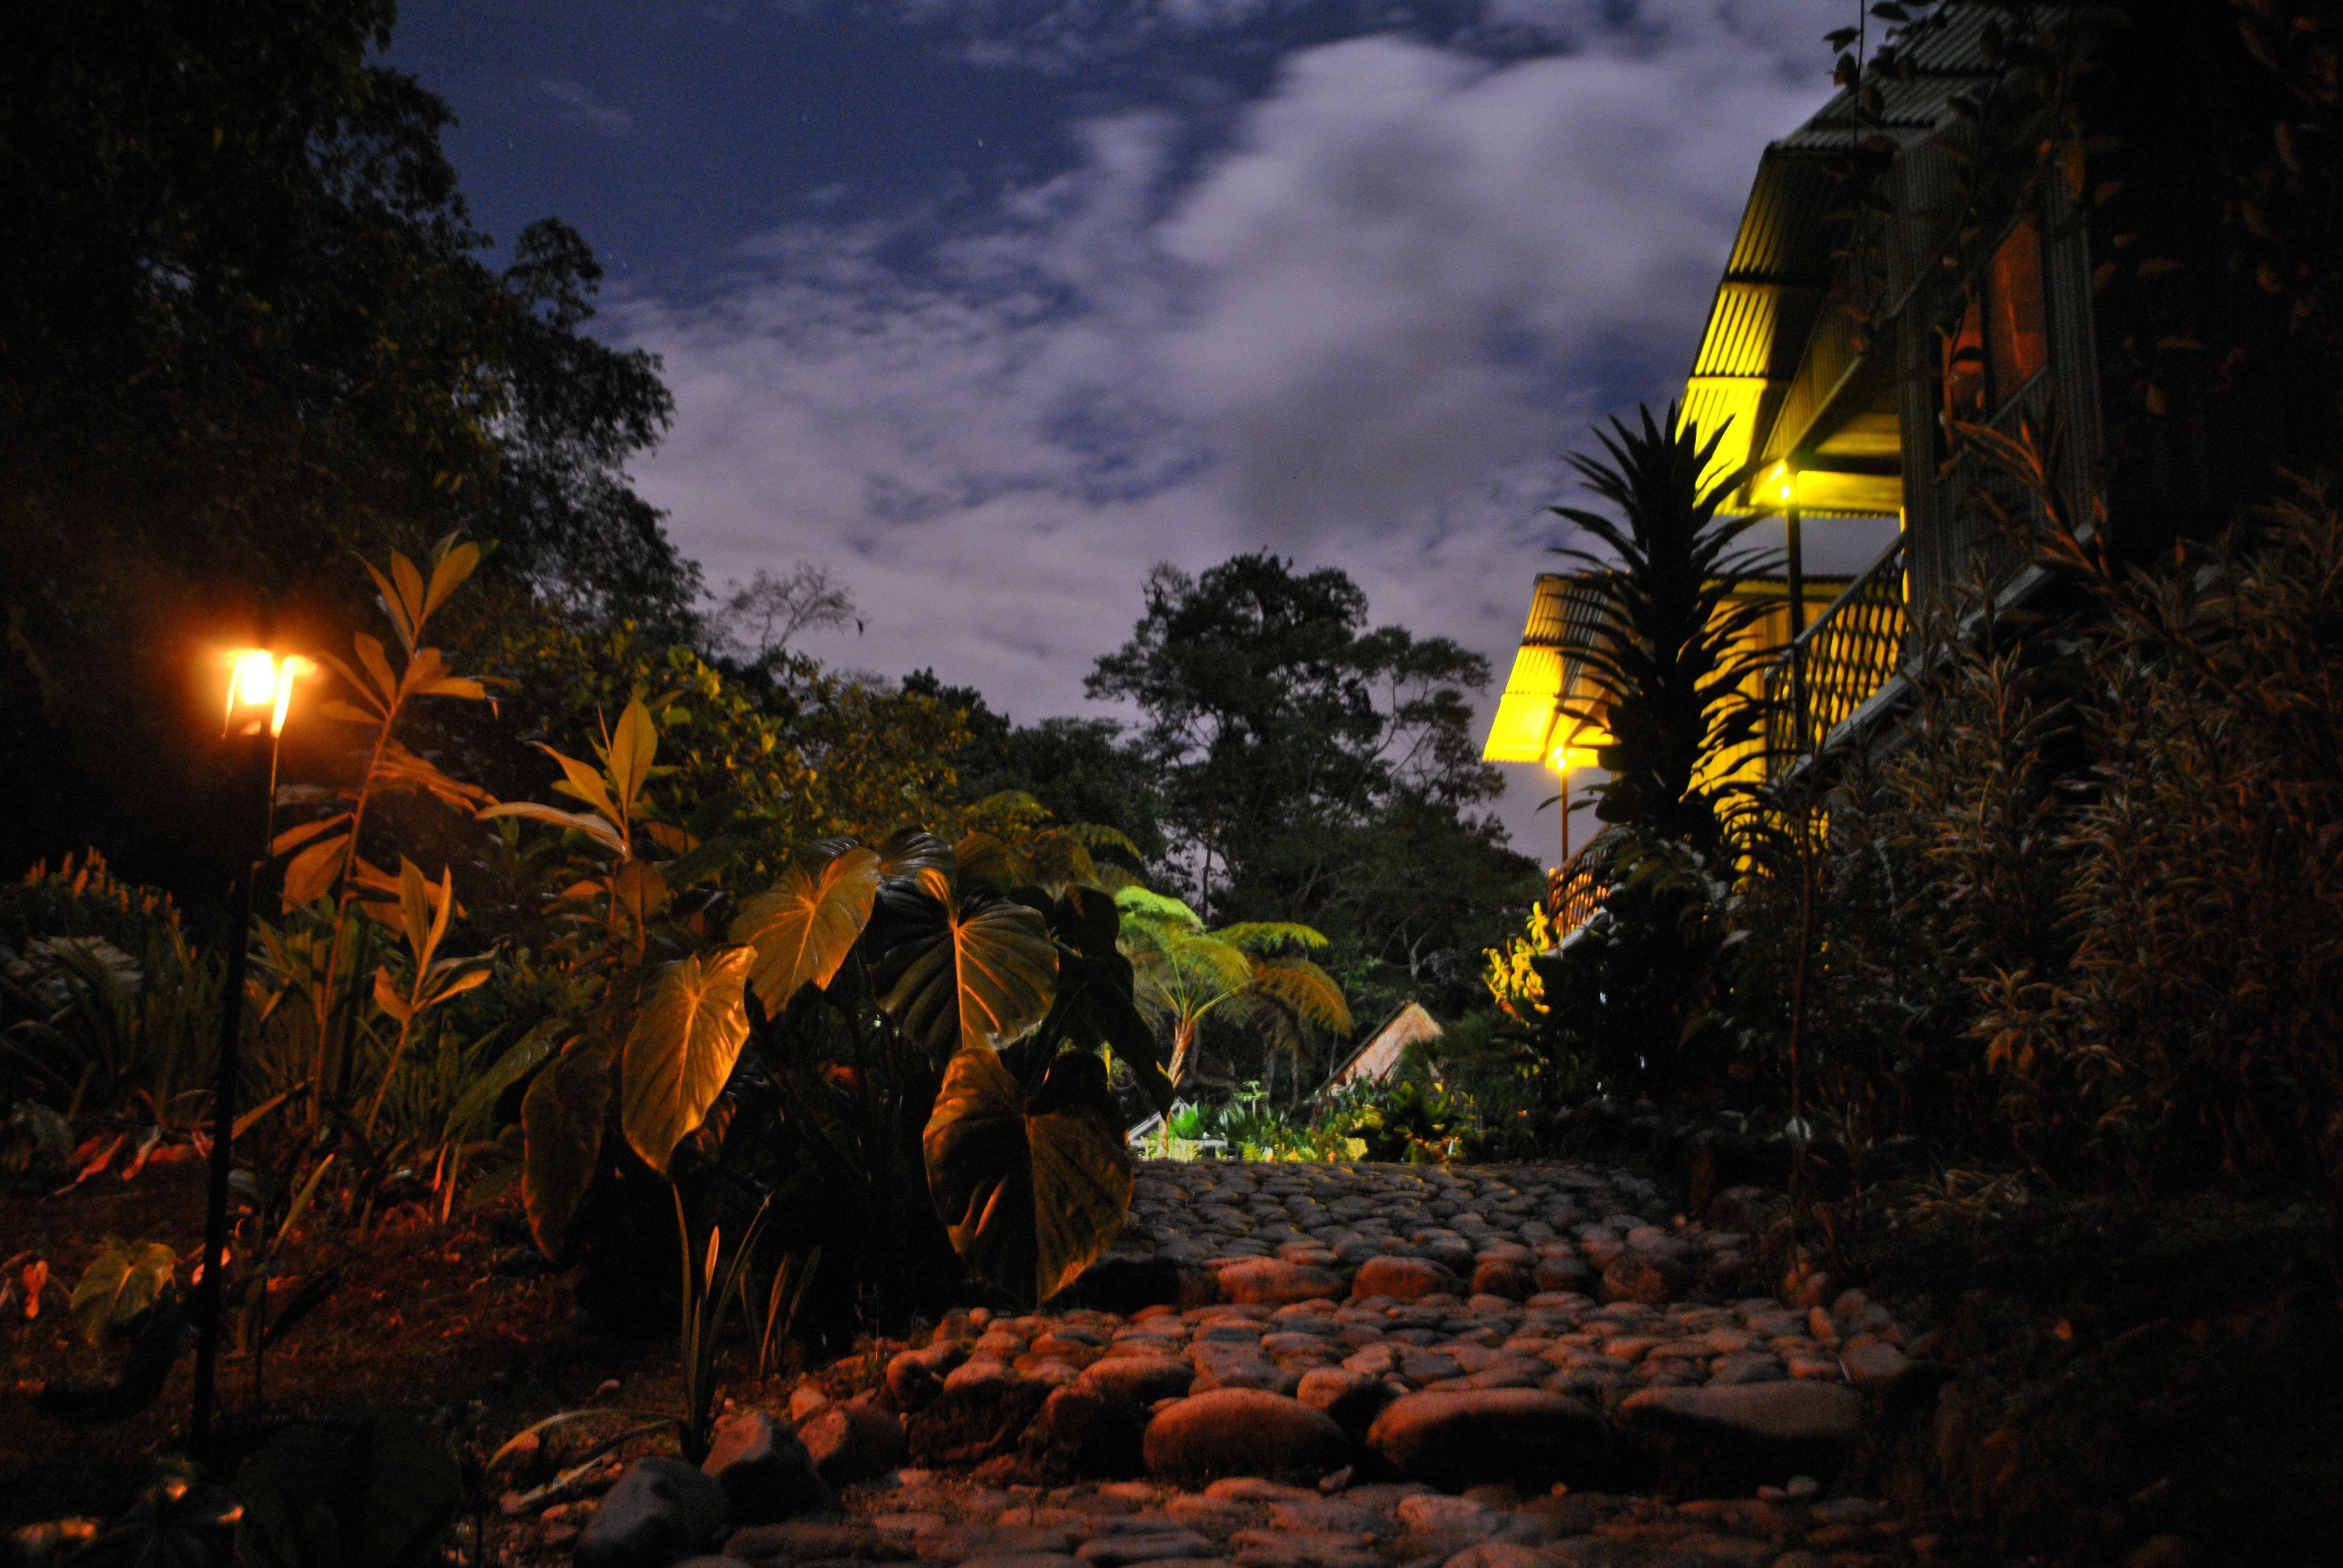 Cabañas frente al río en la selva con noche de luna llena. www.playaselva.net